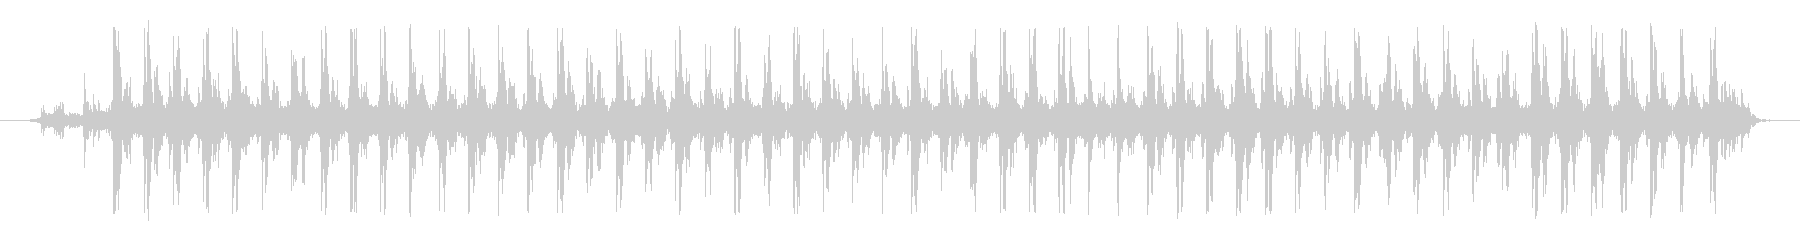 ミシン 01の未再生の波形